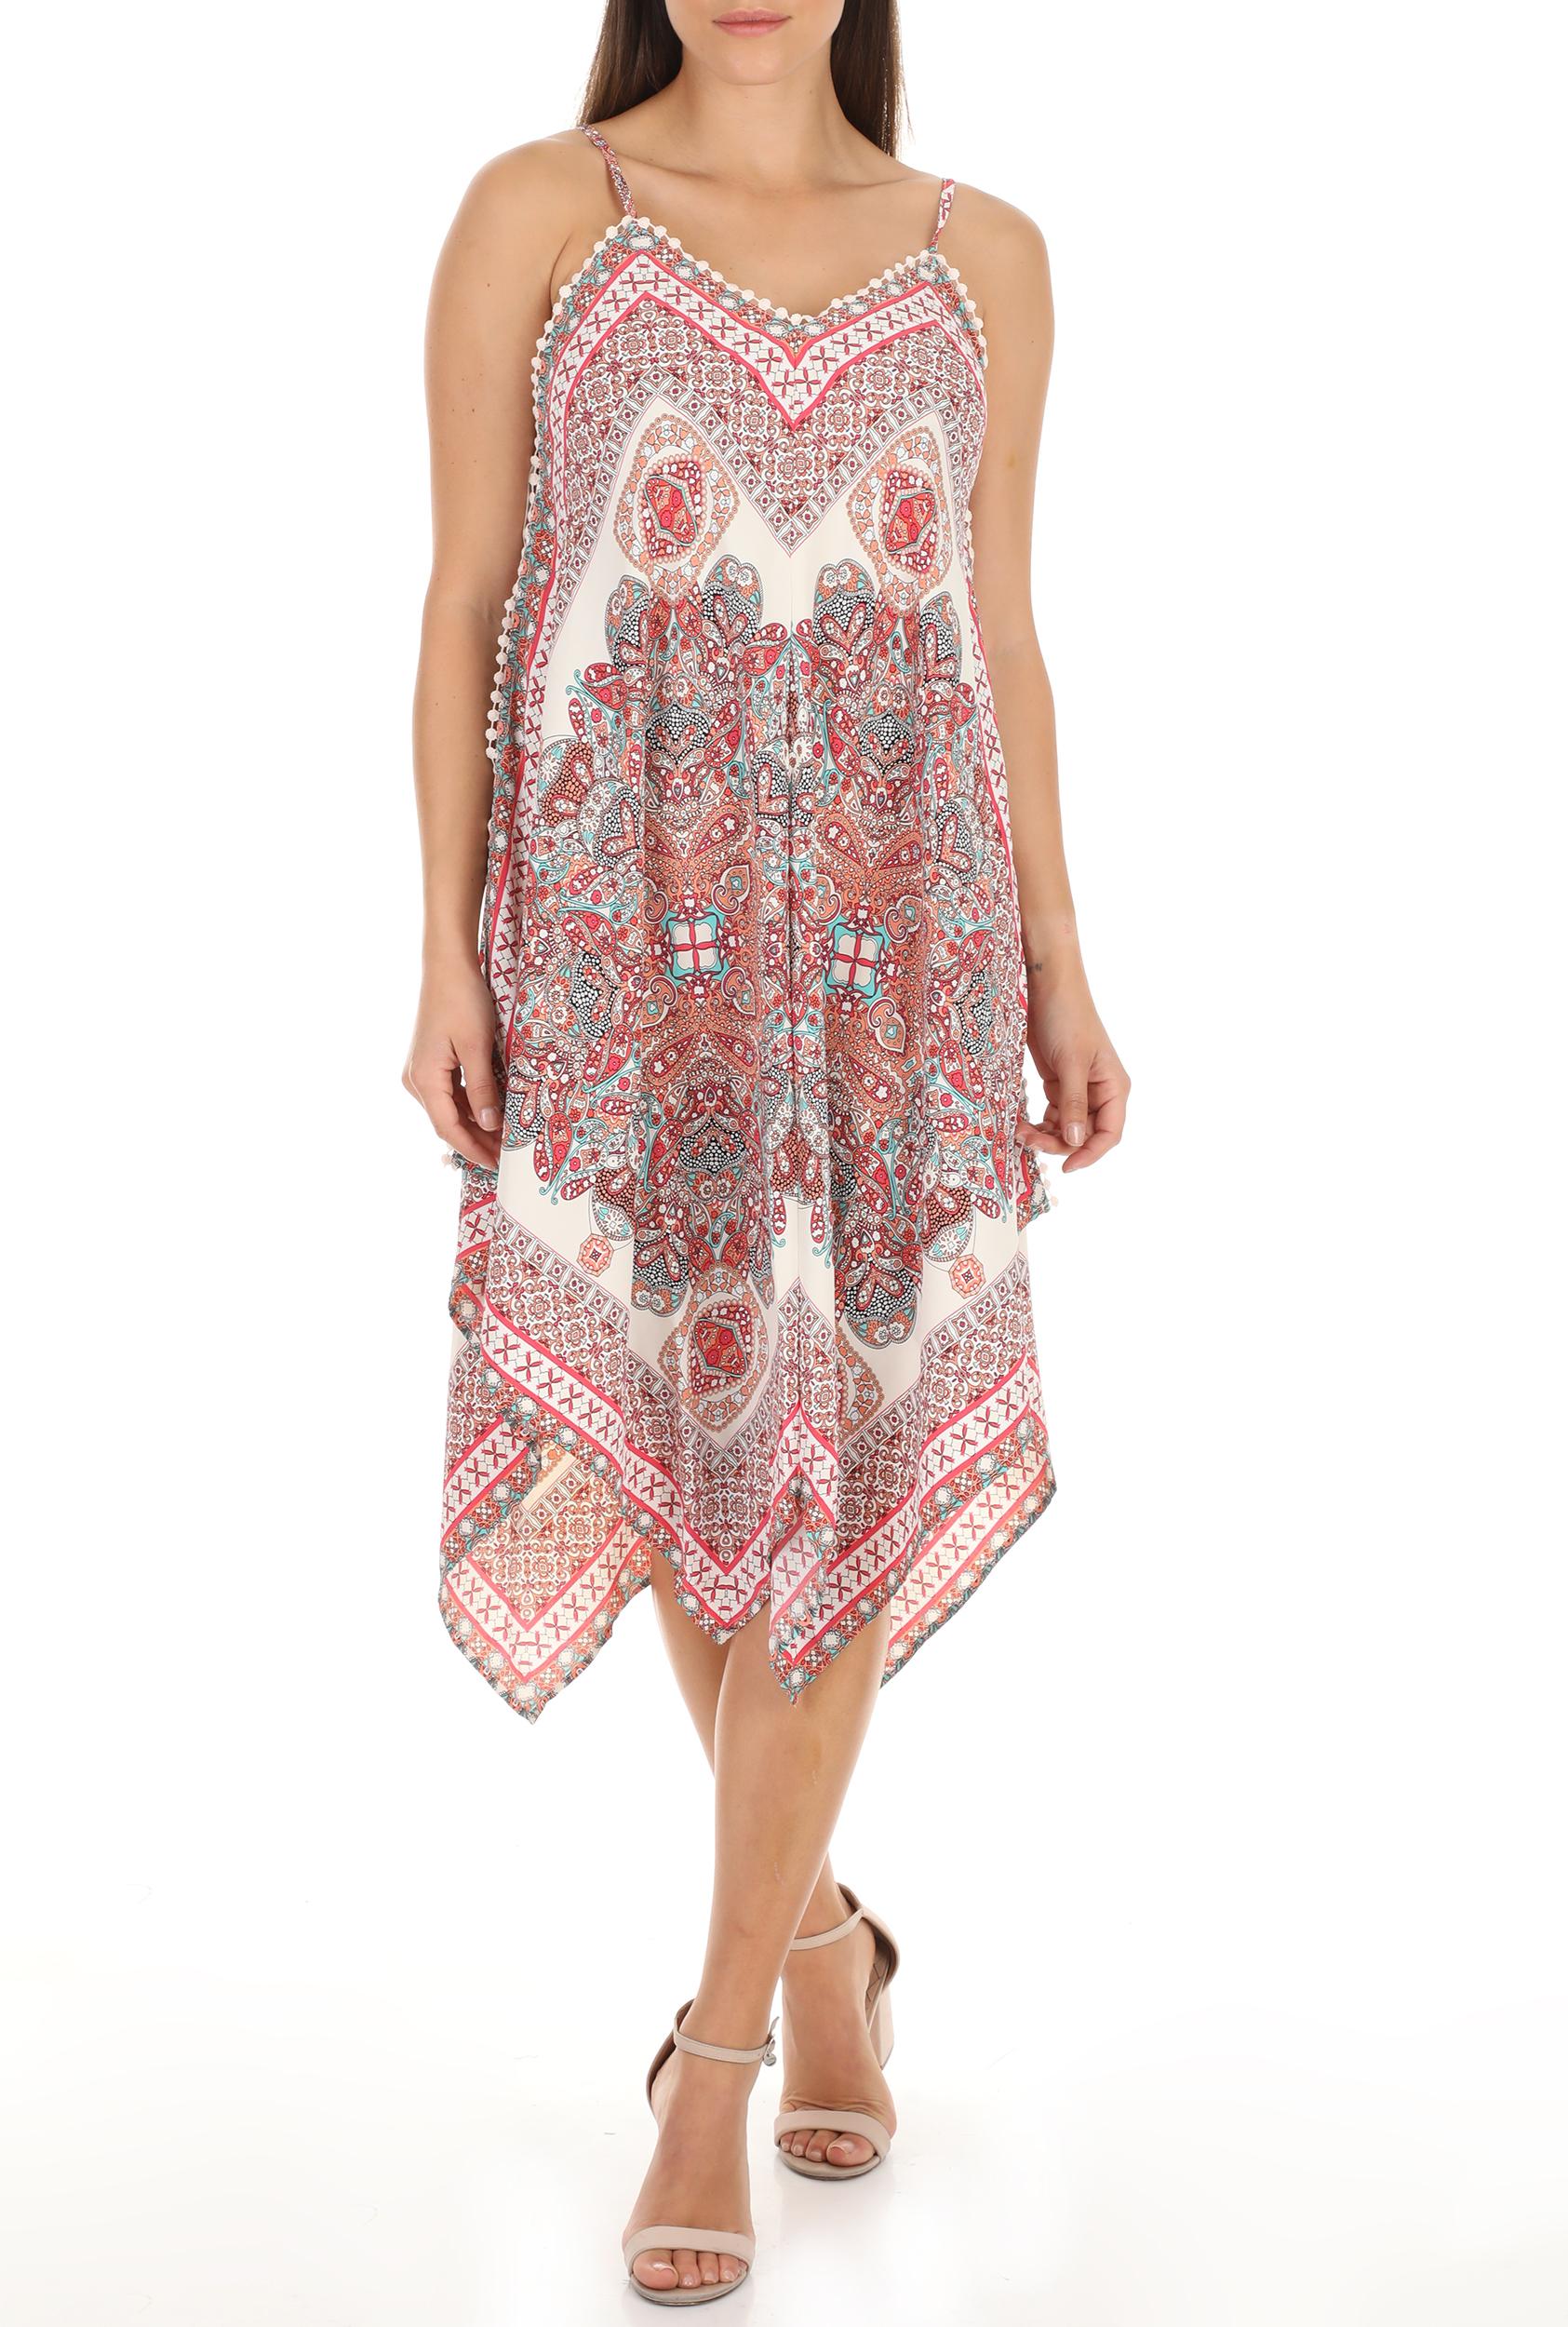 MOLLY BRACKEN - Γυναικείο φόρεμα MOLLY BRACKEN γυναικεία ρούχα φόρεματα μίνι